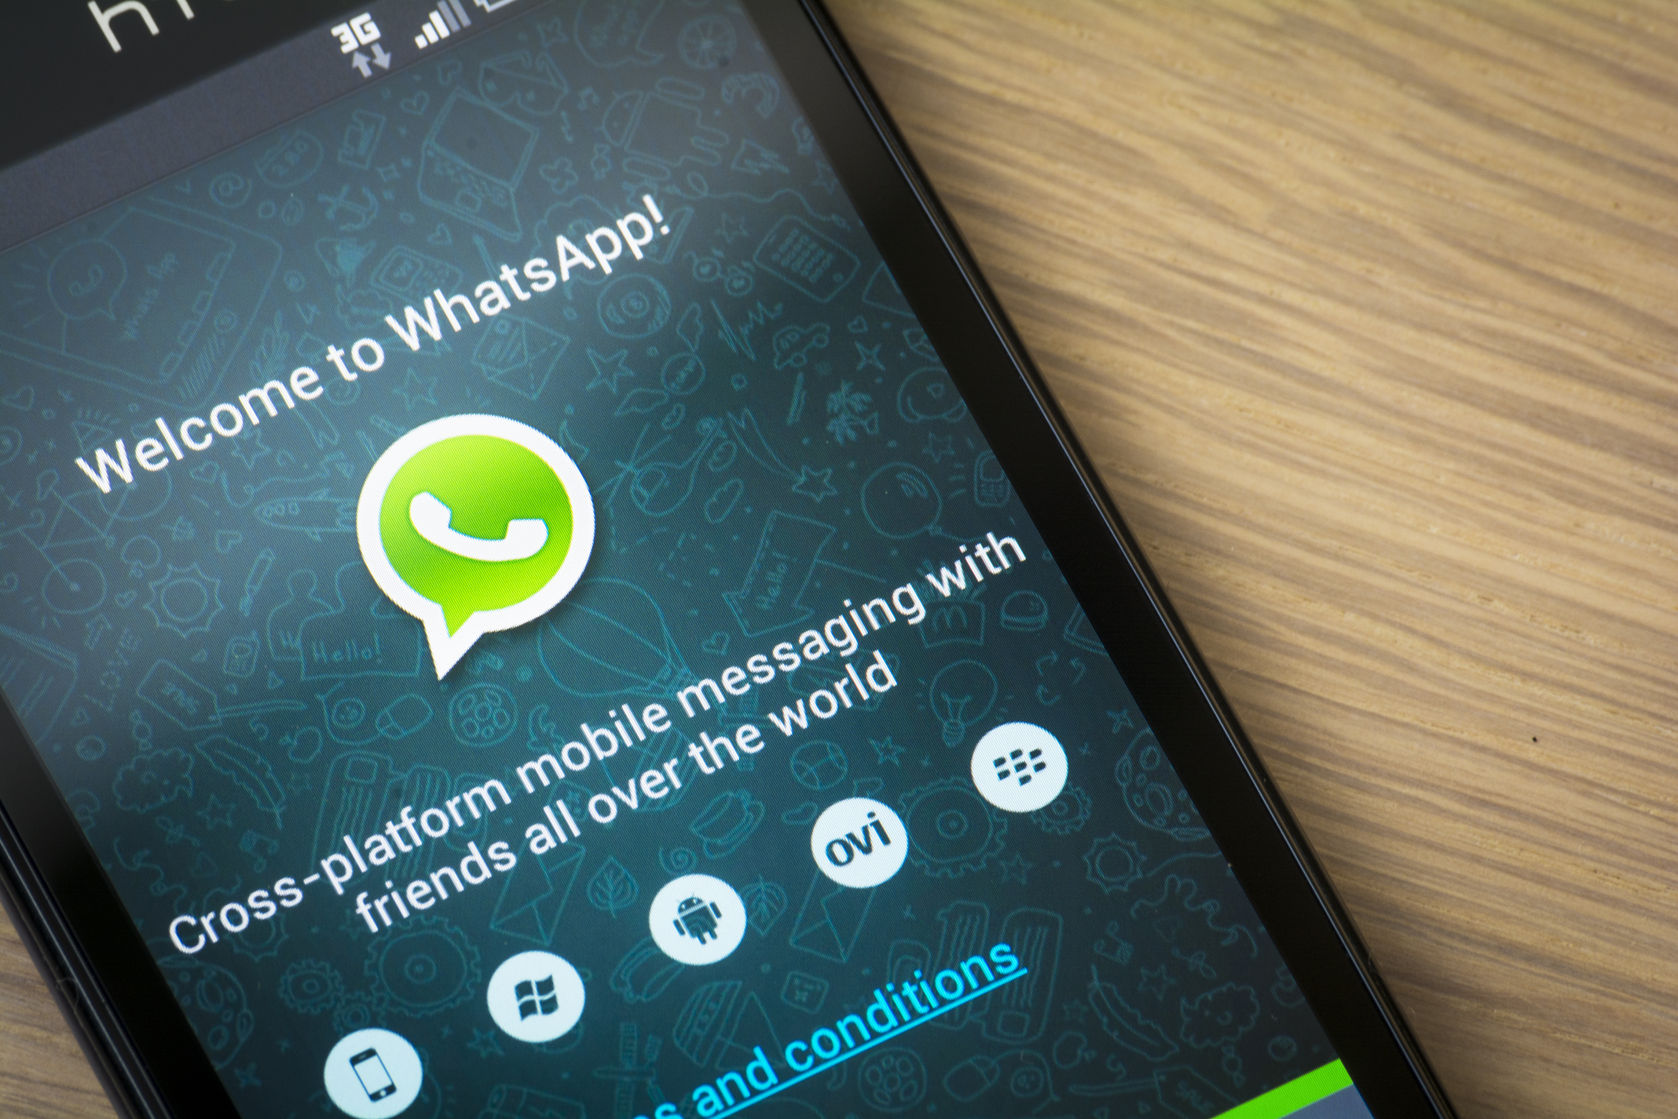 ¡Pilas! WhatsApp ya no funcionará en estos celulares, revisa si está el tuyo